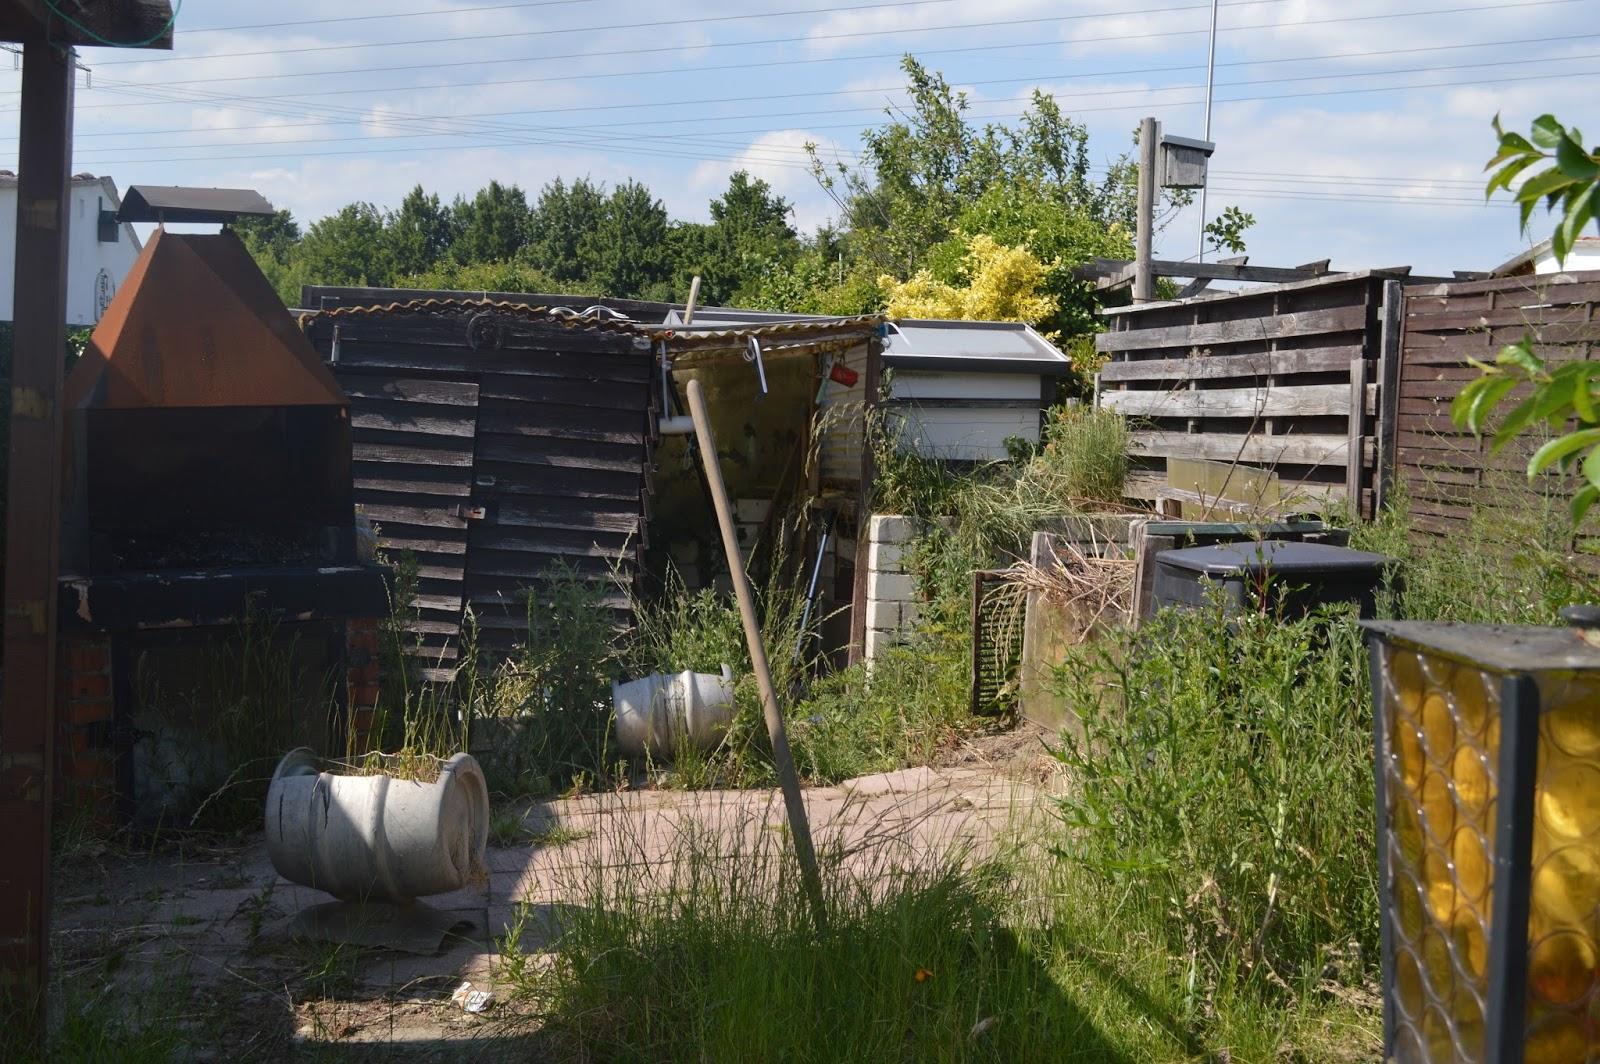 Prüsseliese Unser Garten oder eine Baustelle